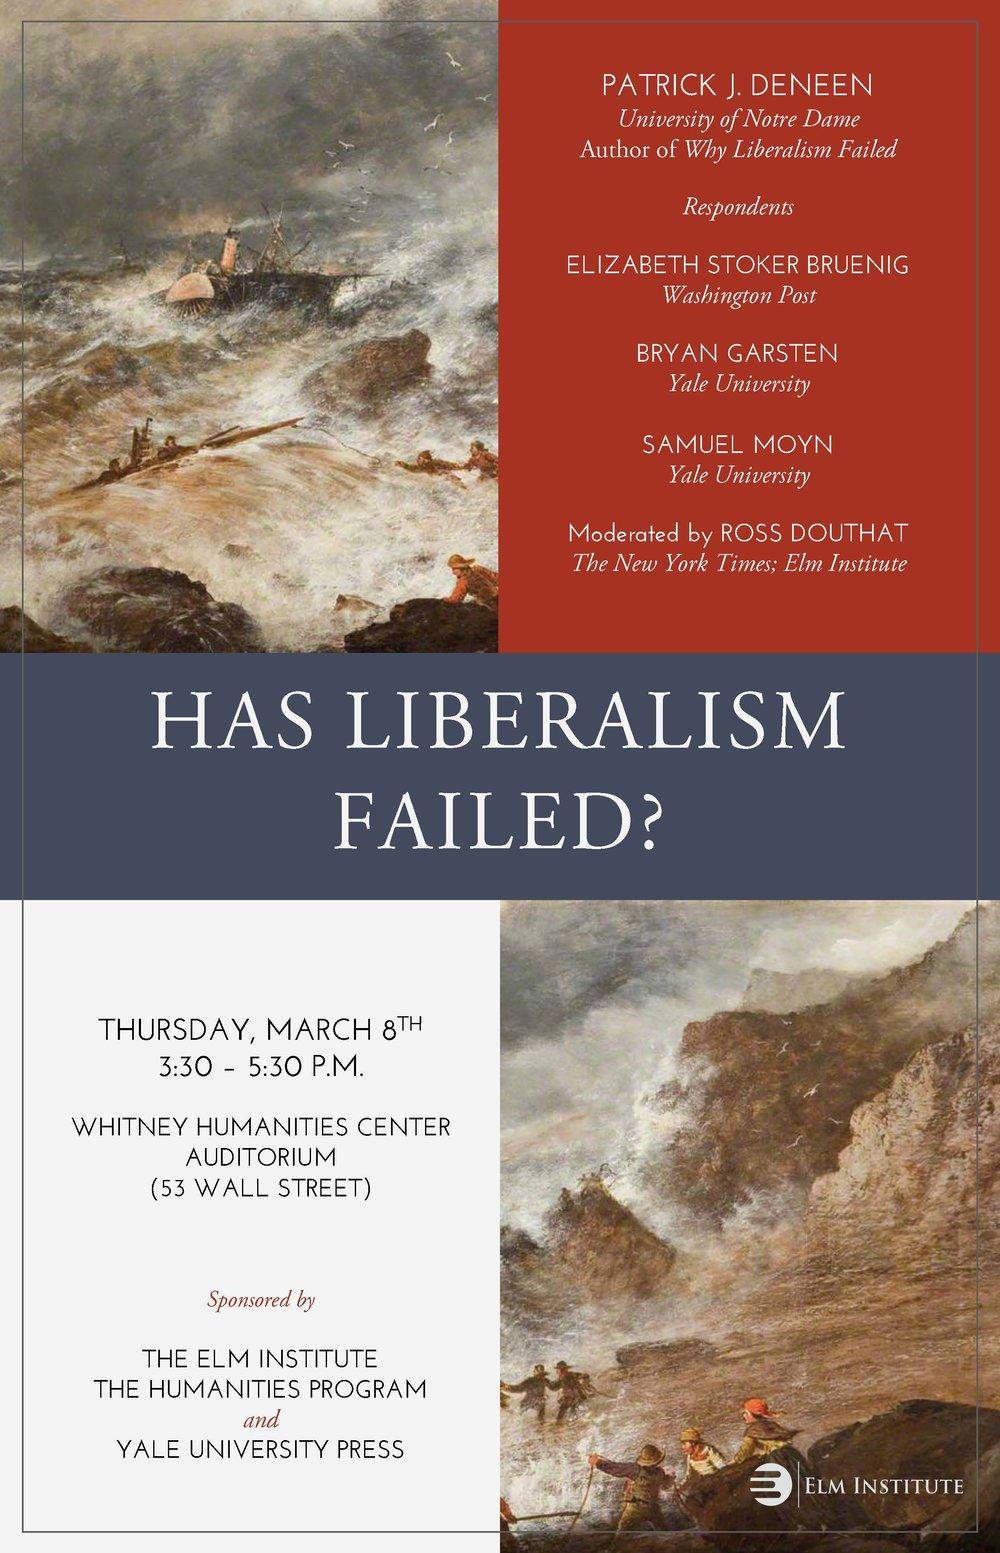 Has Liberalism Failed.jpg